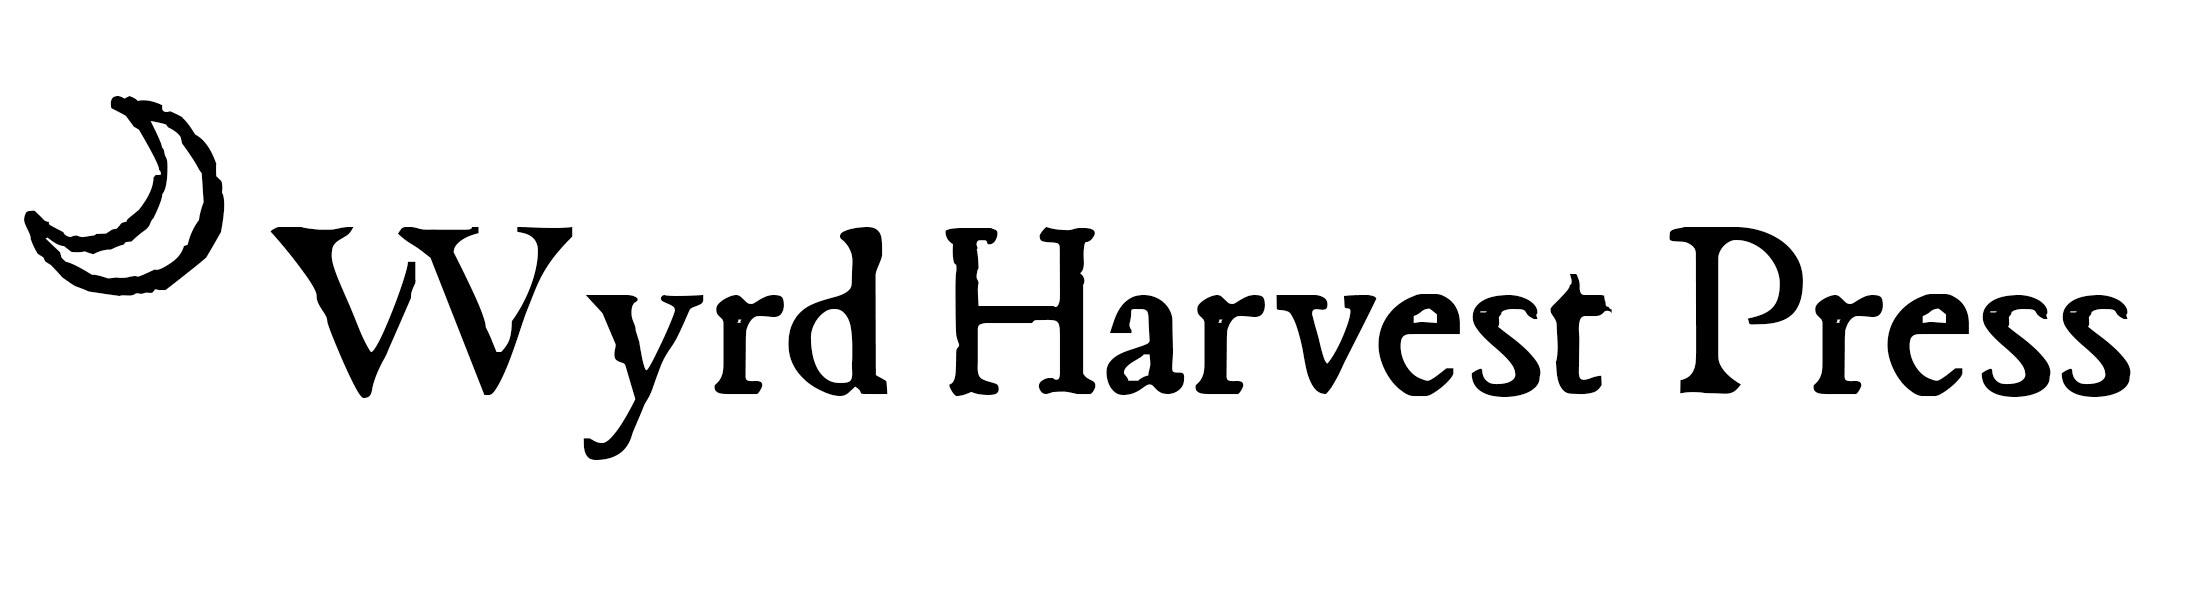 wyrd harvest logo